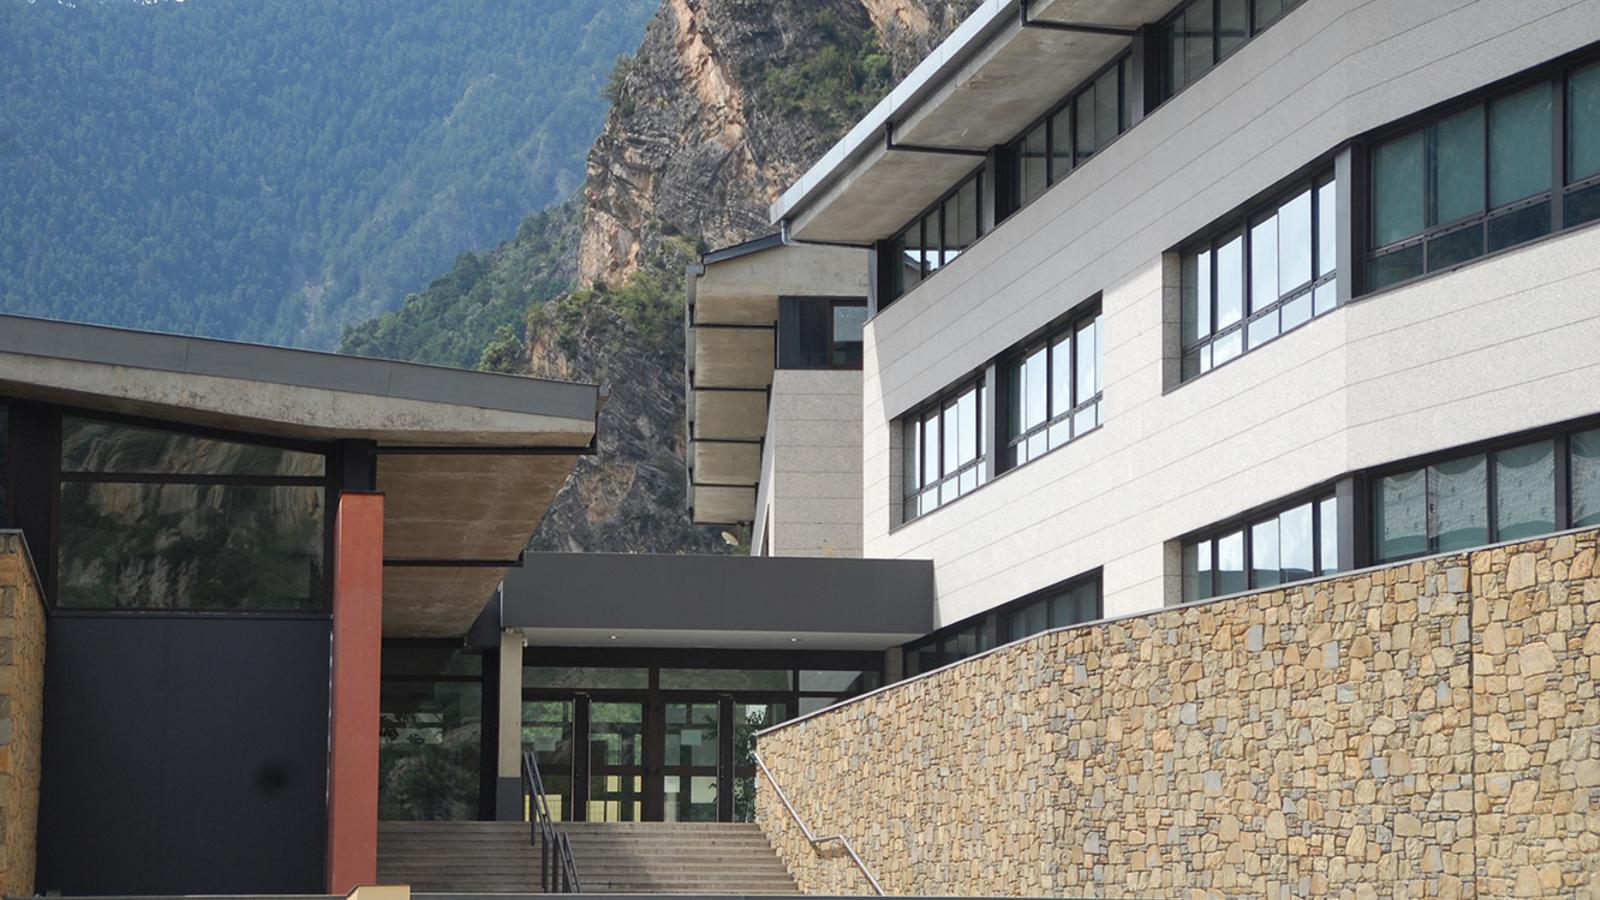 L'escola andorrana de la Margineda. / ARXIU ANA